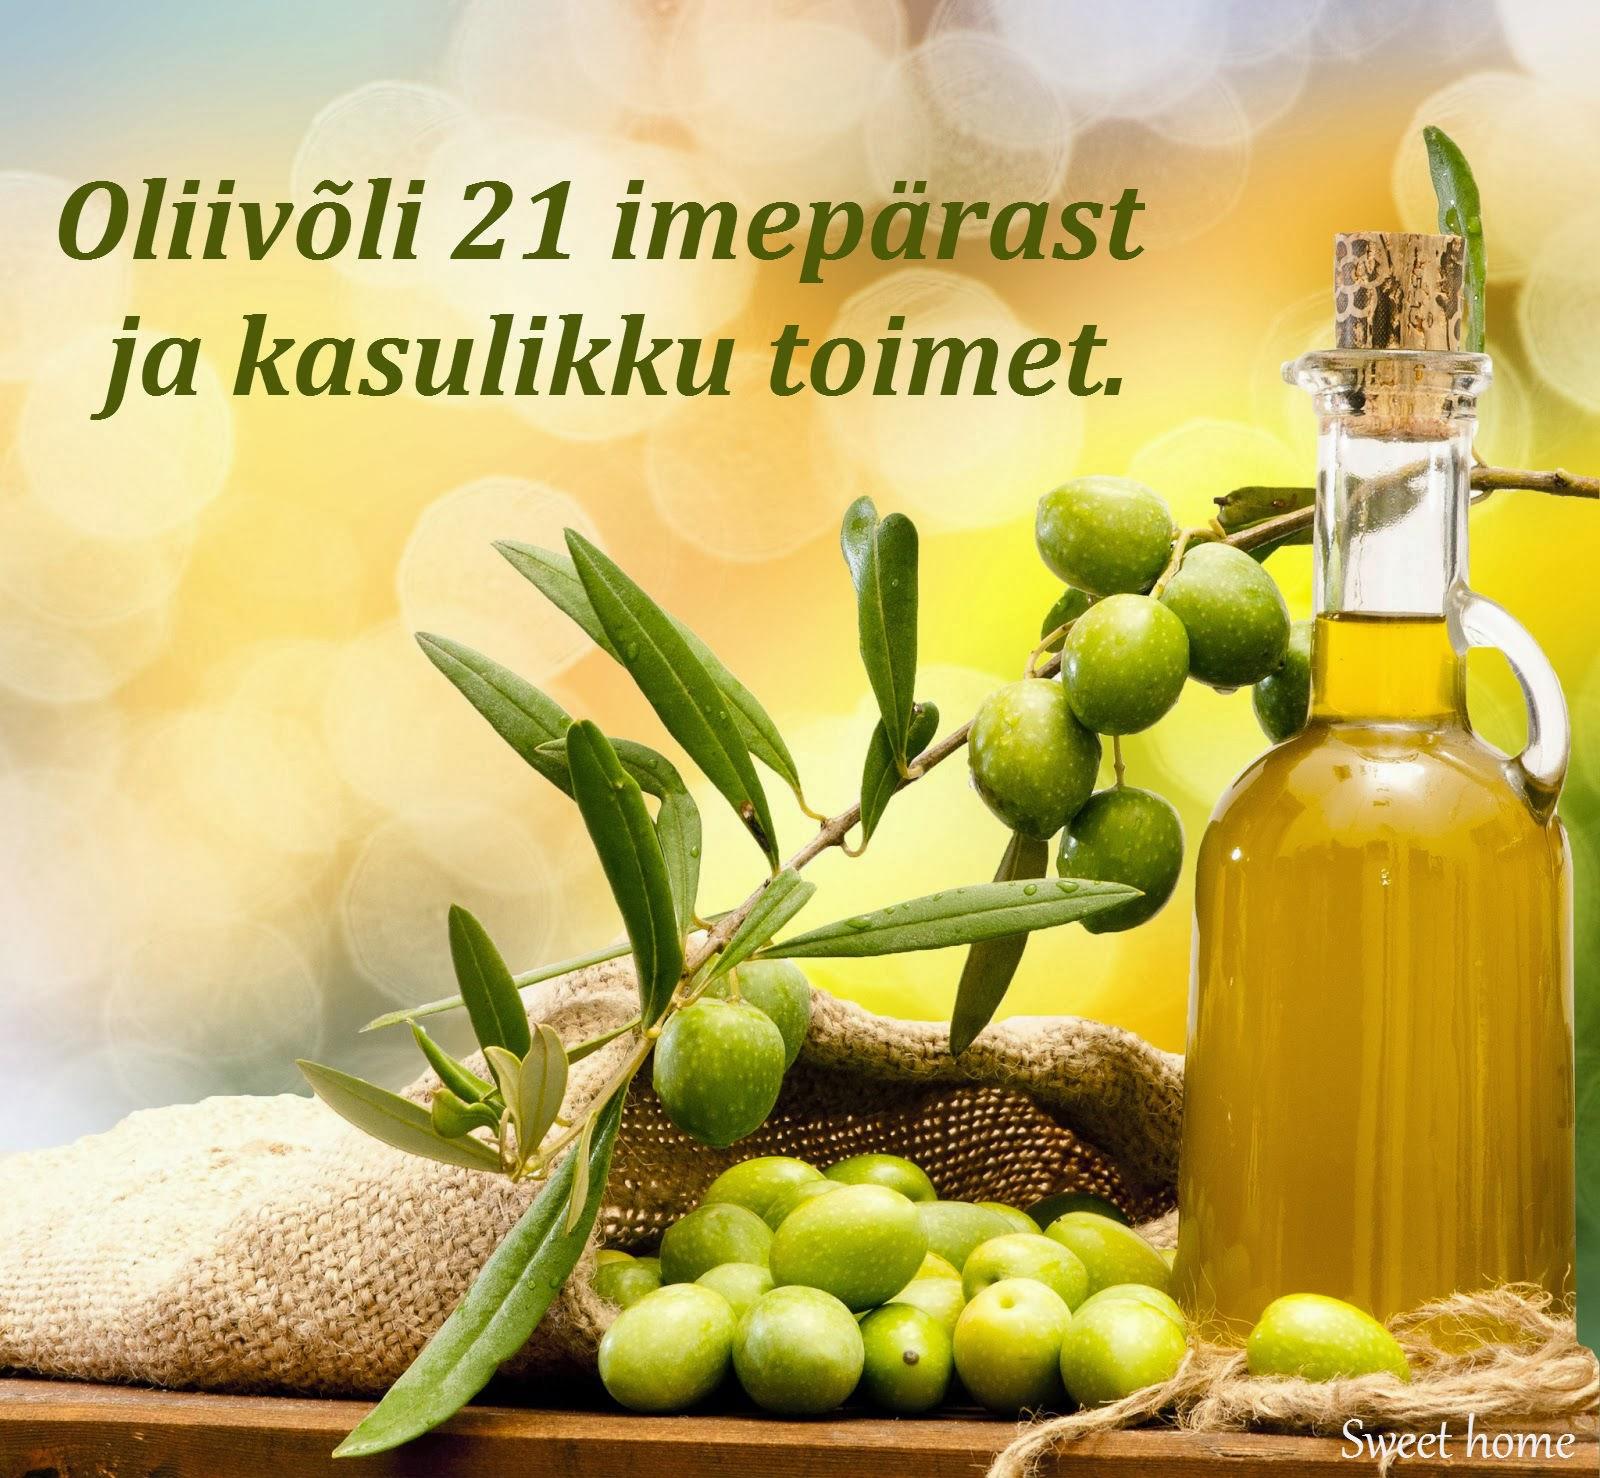 Oliivioli toiduvalmistamise kaalulangus rasva kadu sugelev